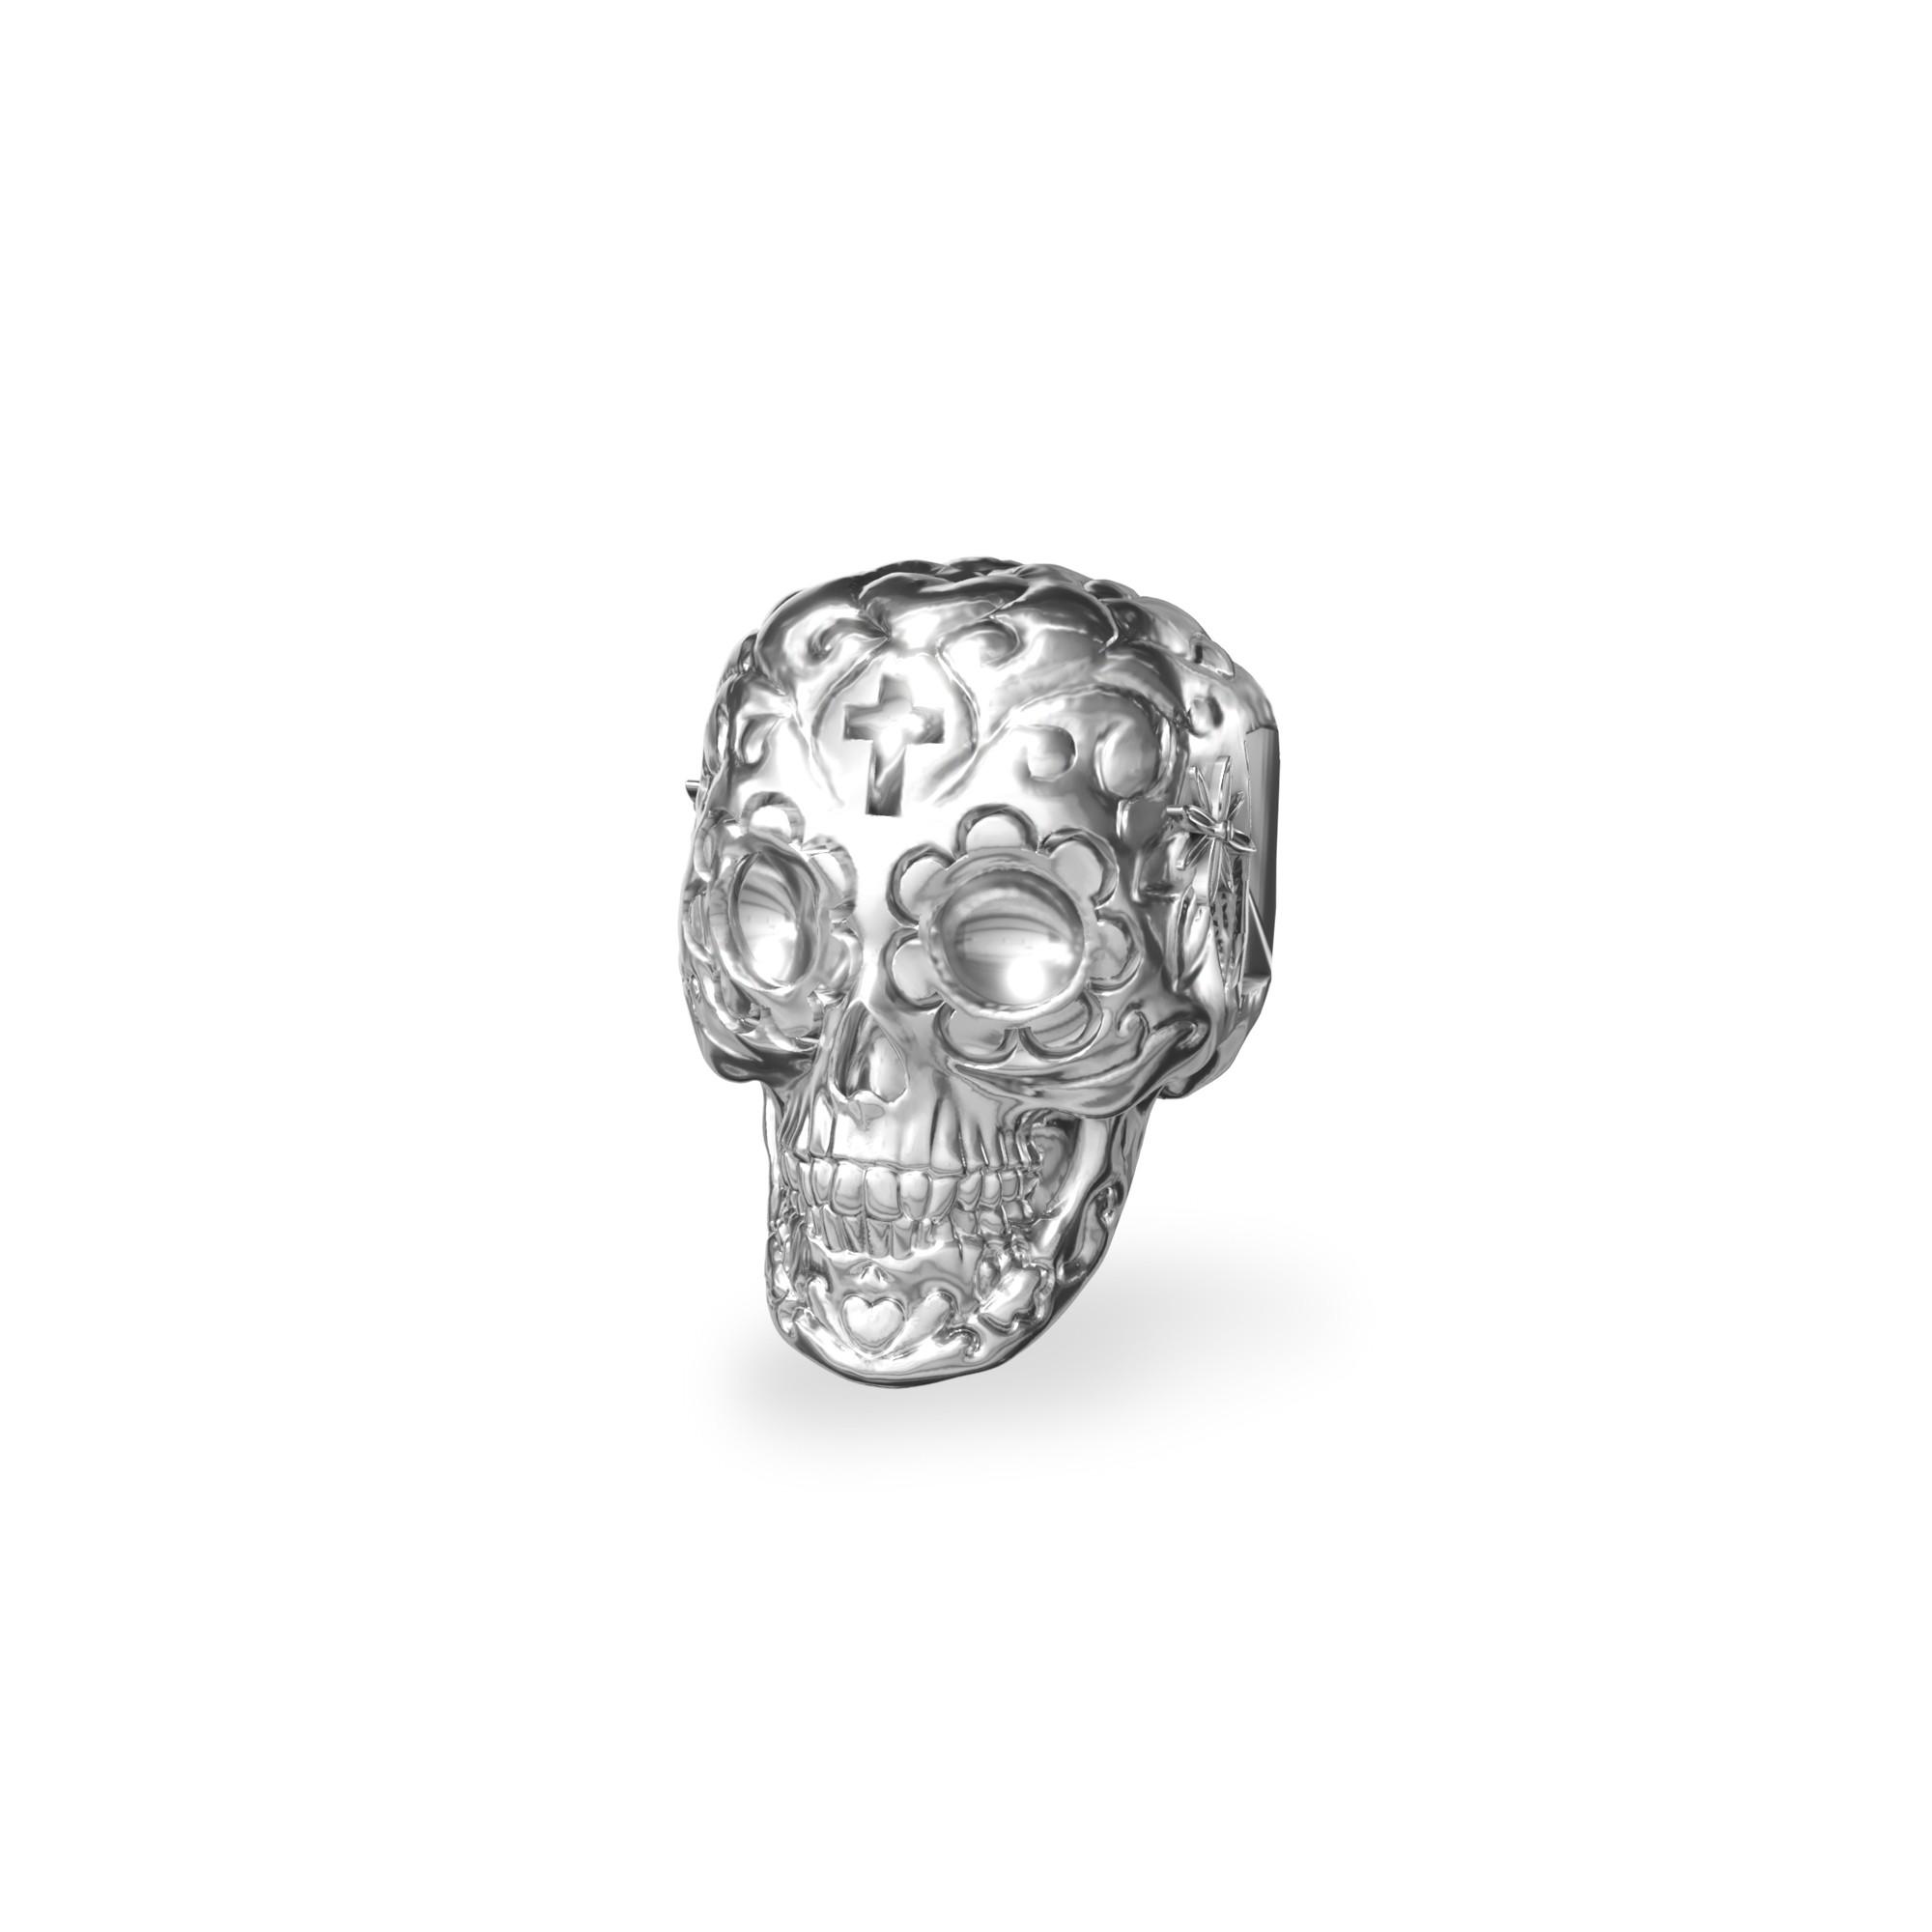 Srebrny beads przekładka CZASZKA cukrowa srebro 925